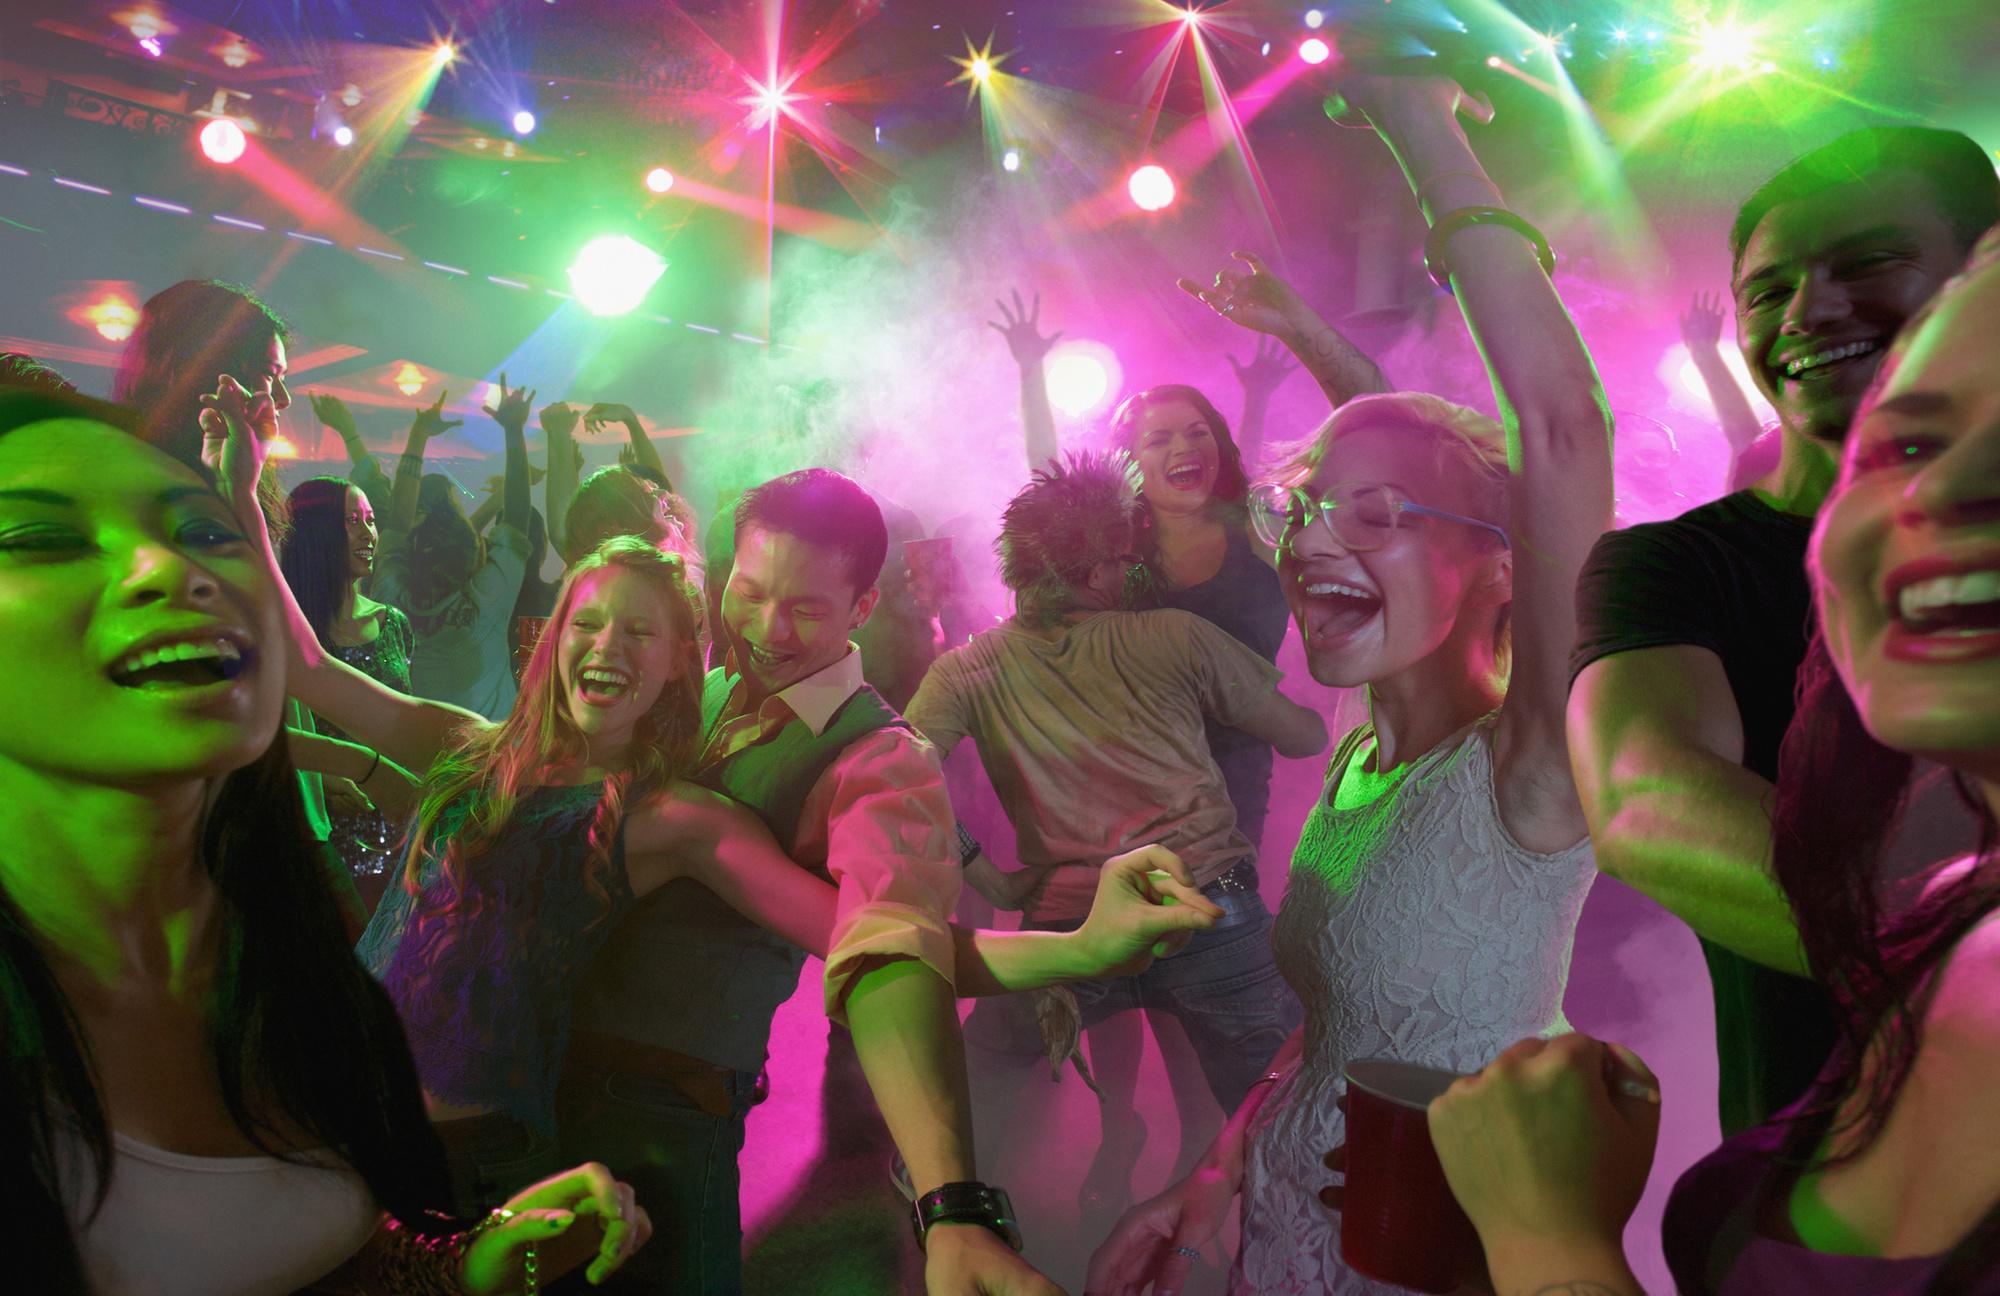 L'on pourra à nouveau danser, comme lors des fêtes de mariage., GETTY IMAGES